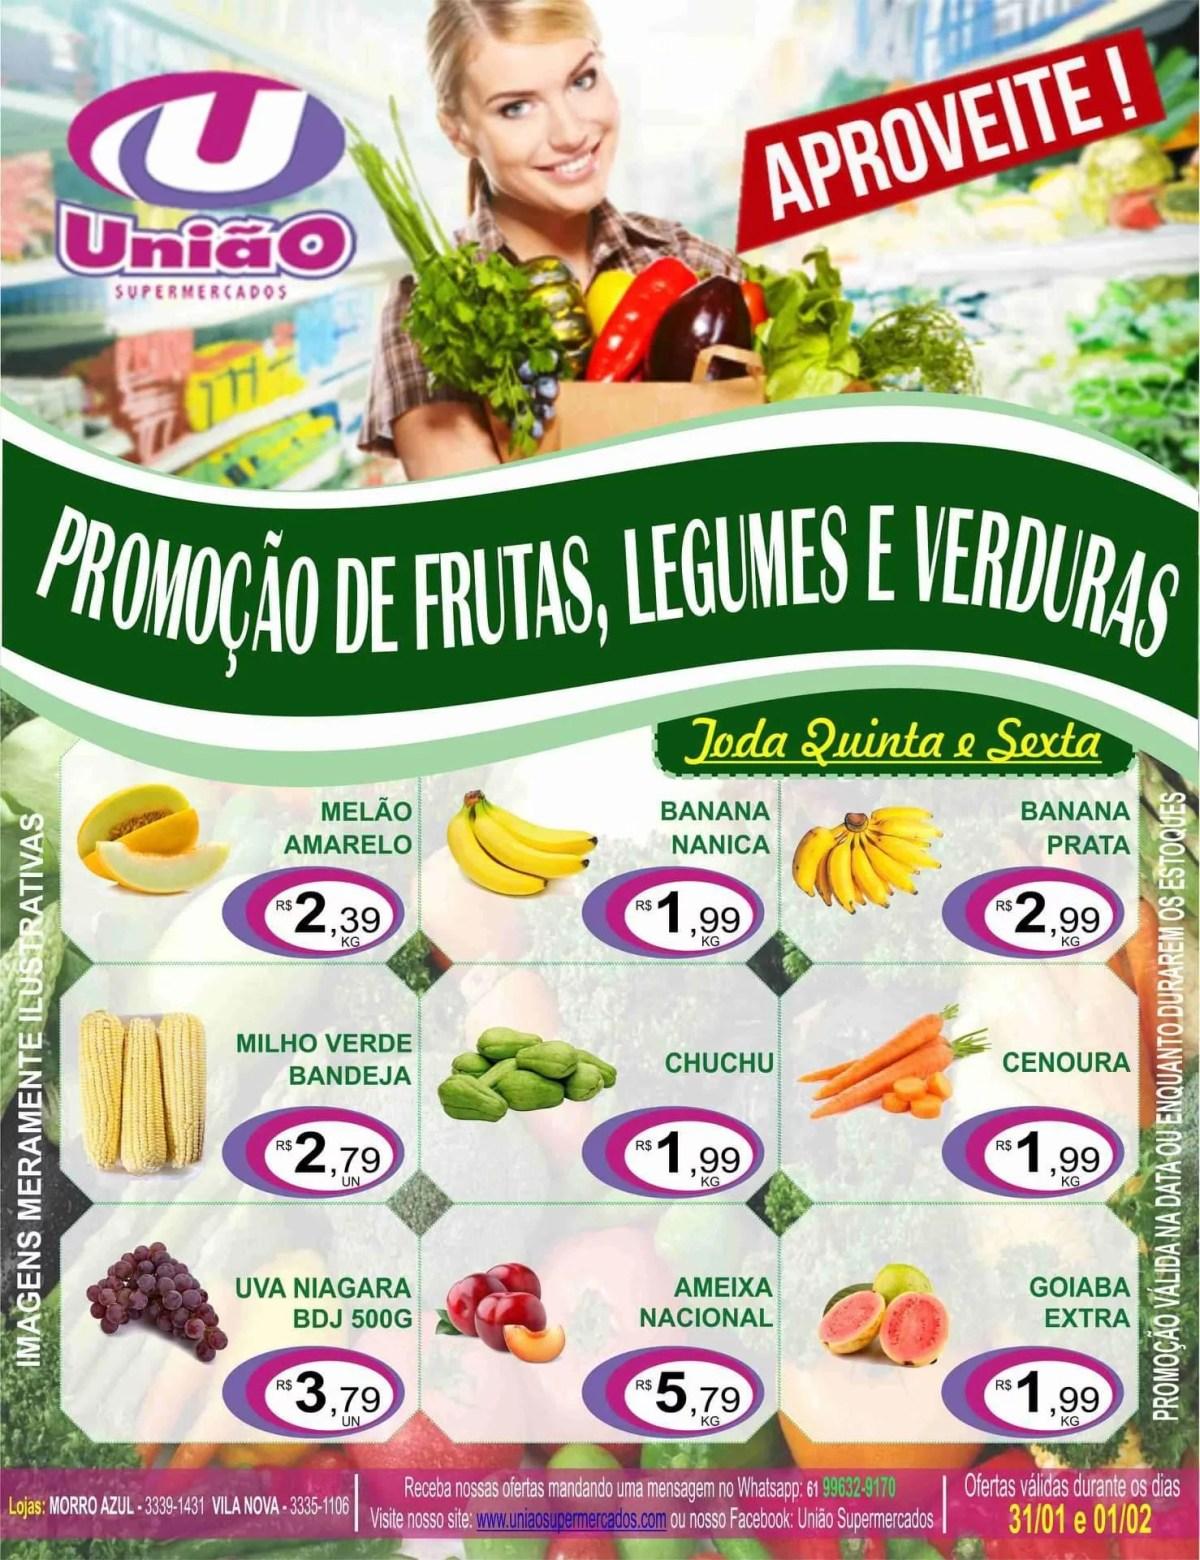 Ofertas Supermercado União6